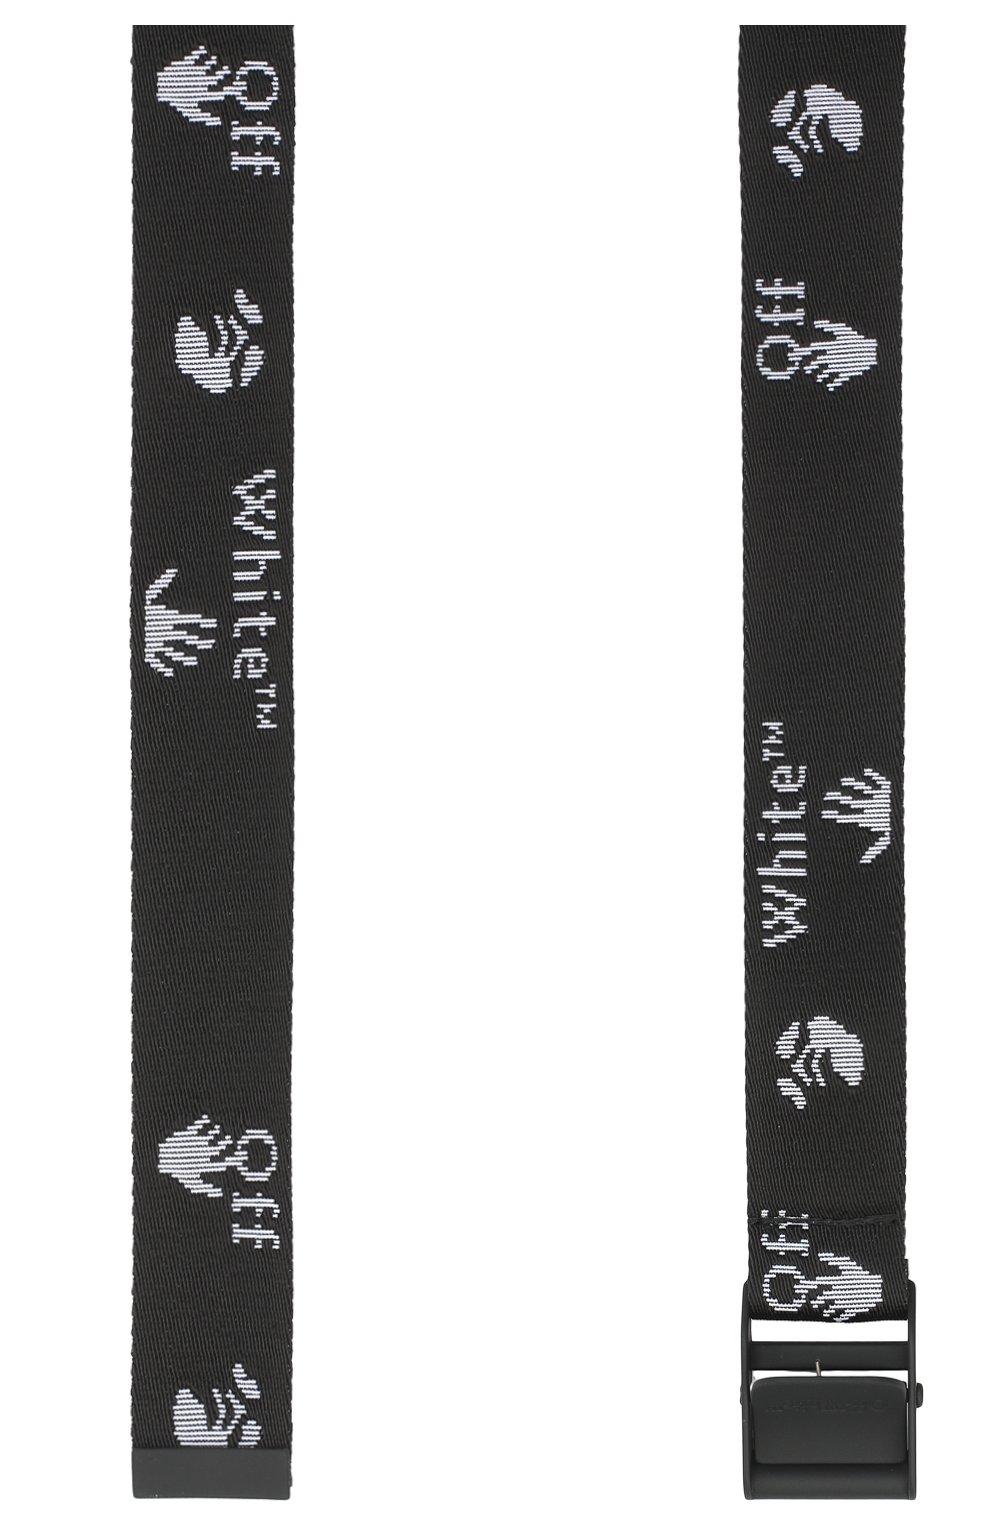 Мужской текстильный ремень OFF-WHITE черного цвета, арт. 0MRB045E20LEA0011010   Фото 2 (Материал: Текстиль, Синтетический материал; Случай: Повседневный)